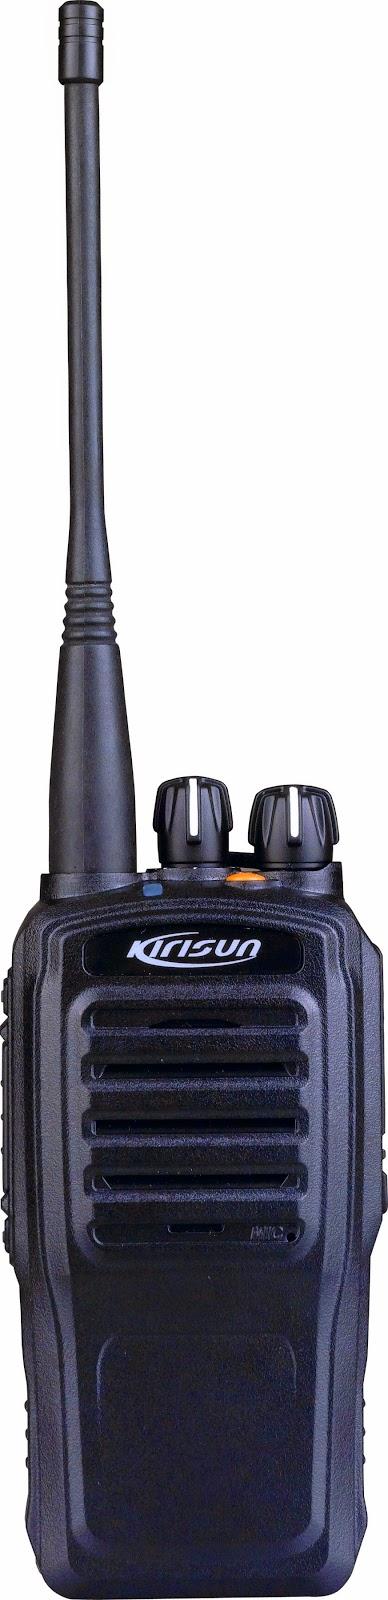 Kirisun FP520S dPMR446 radio